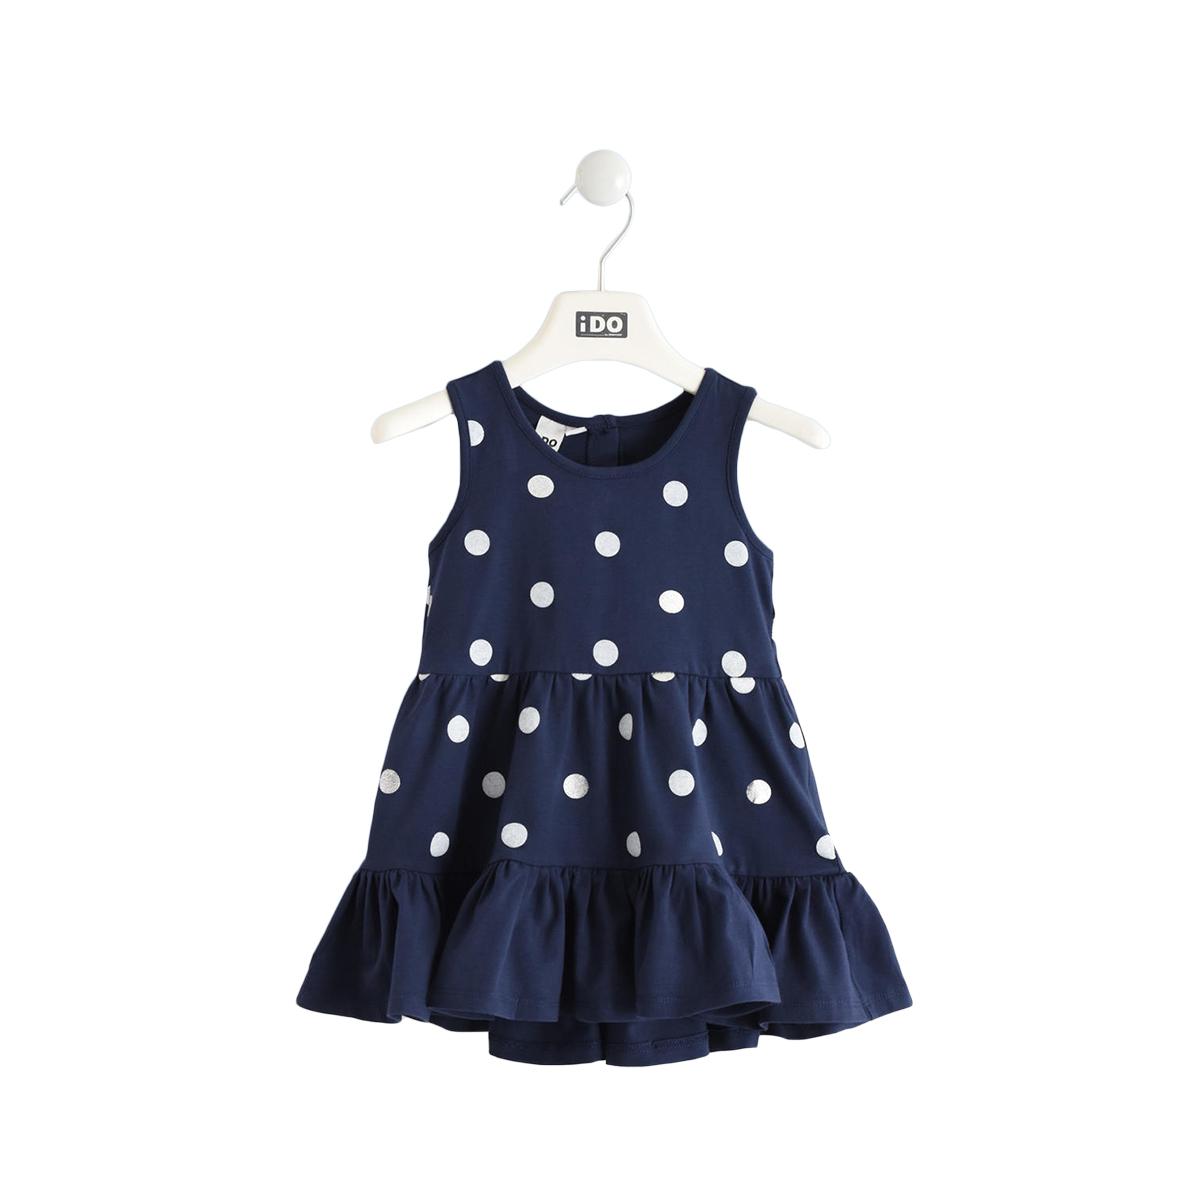 Ido haljina W755, 2-7